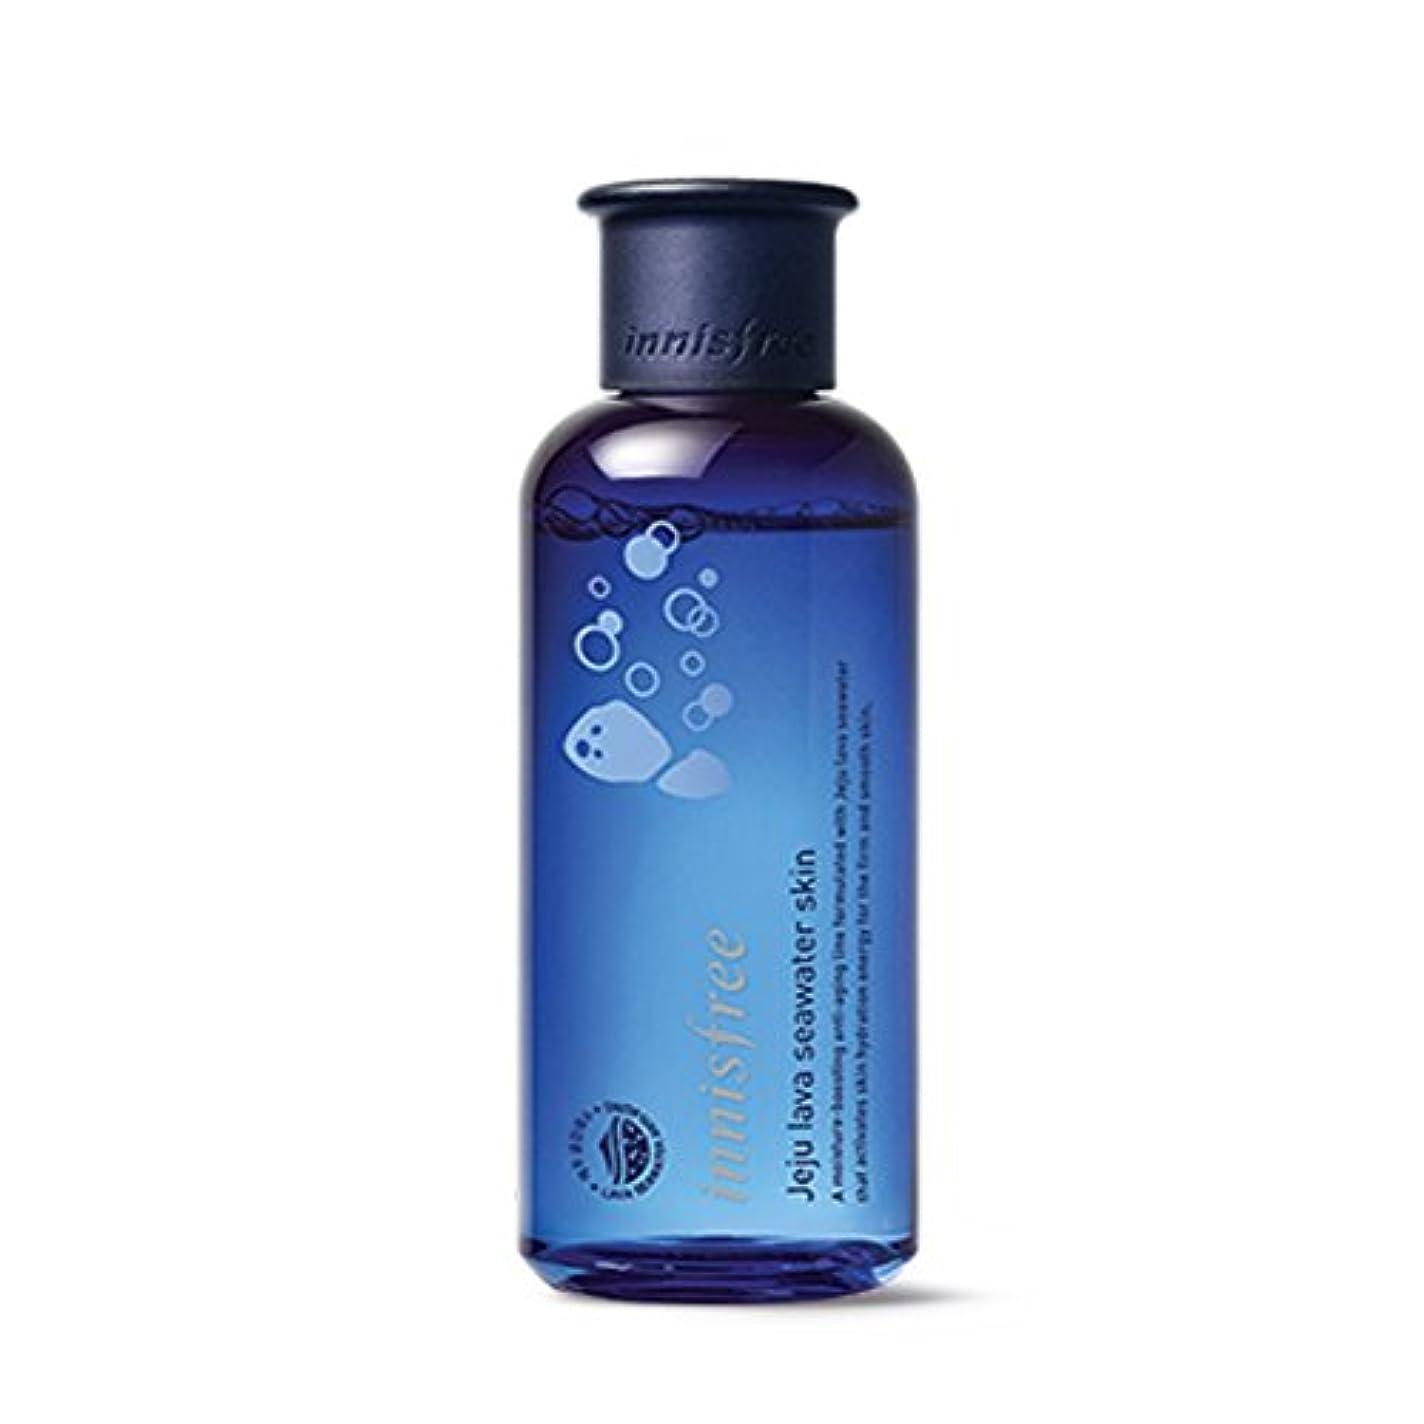 手荷物悲鳴お肉イニスフリージェジュラブシーウォータースキン(トナー)200ml Innisfree Jeju Lava Seawater Skin(Toner) 200ml [外直送品][並行輸入品]